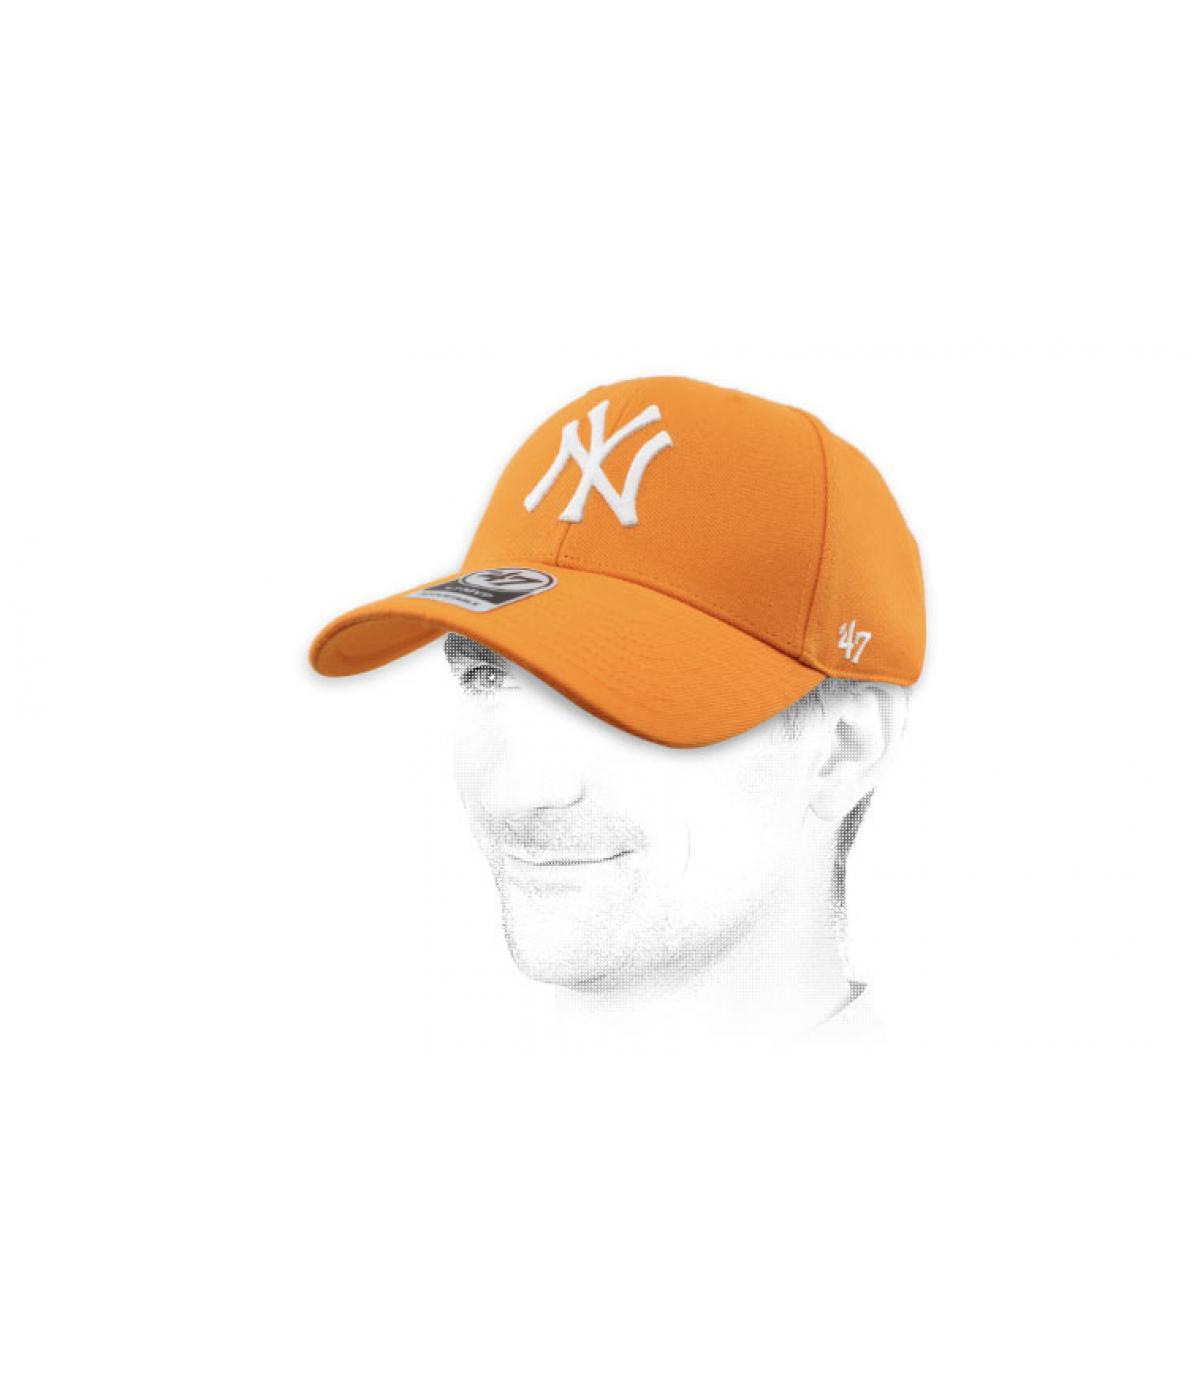 orange NY cap 47